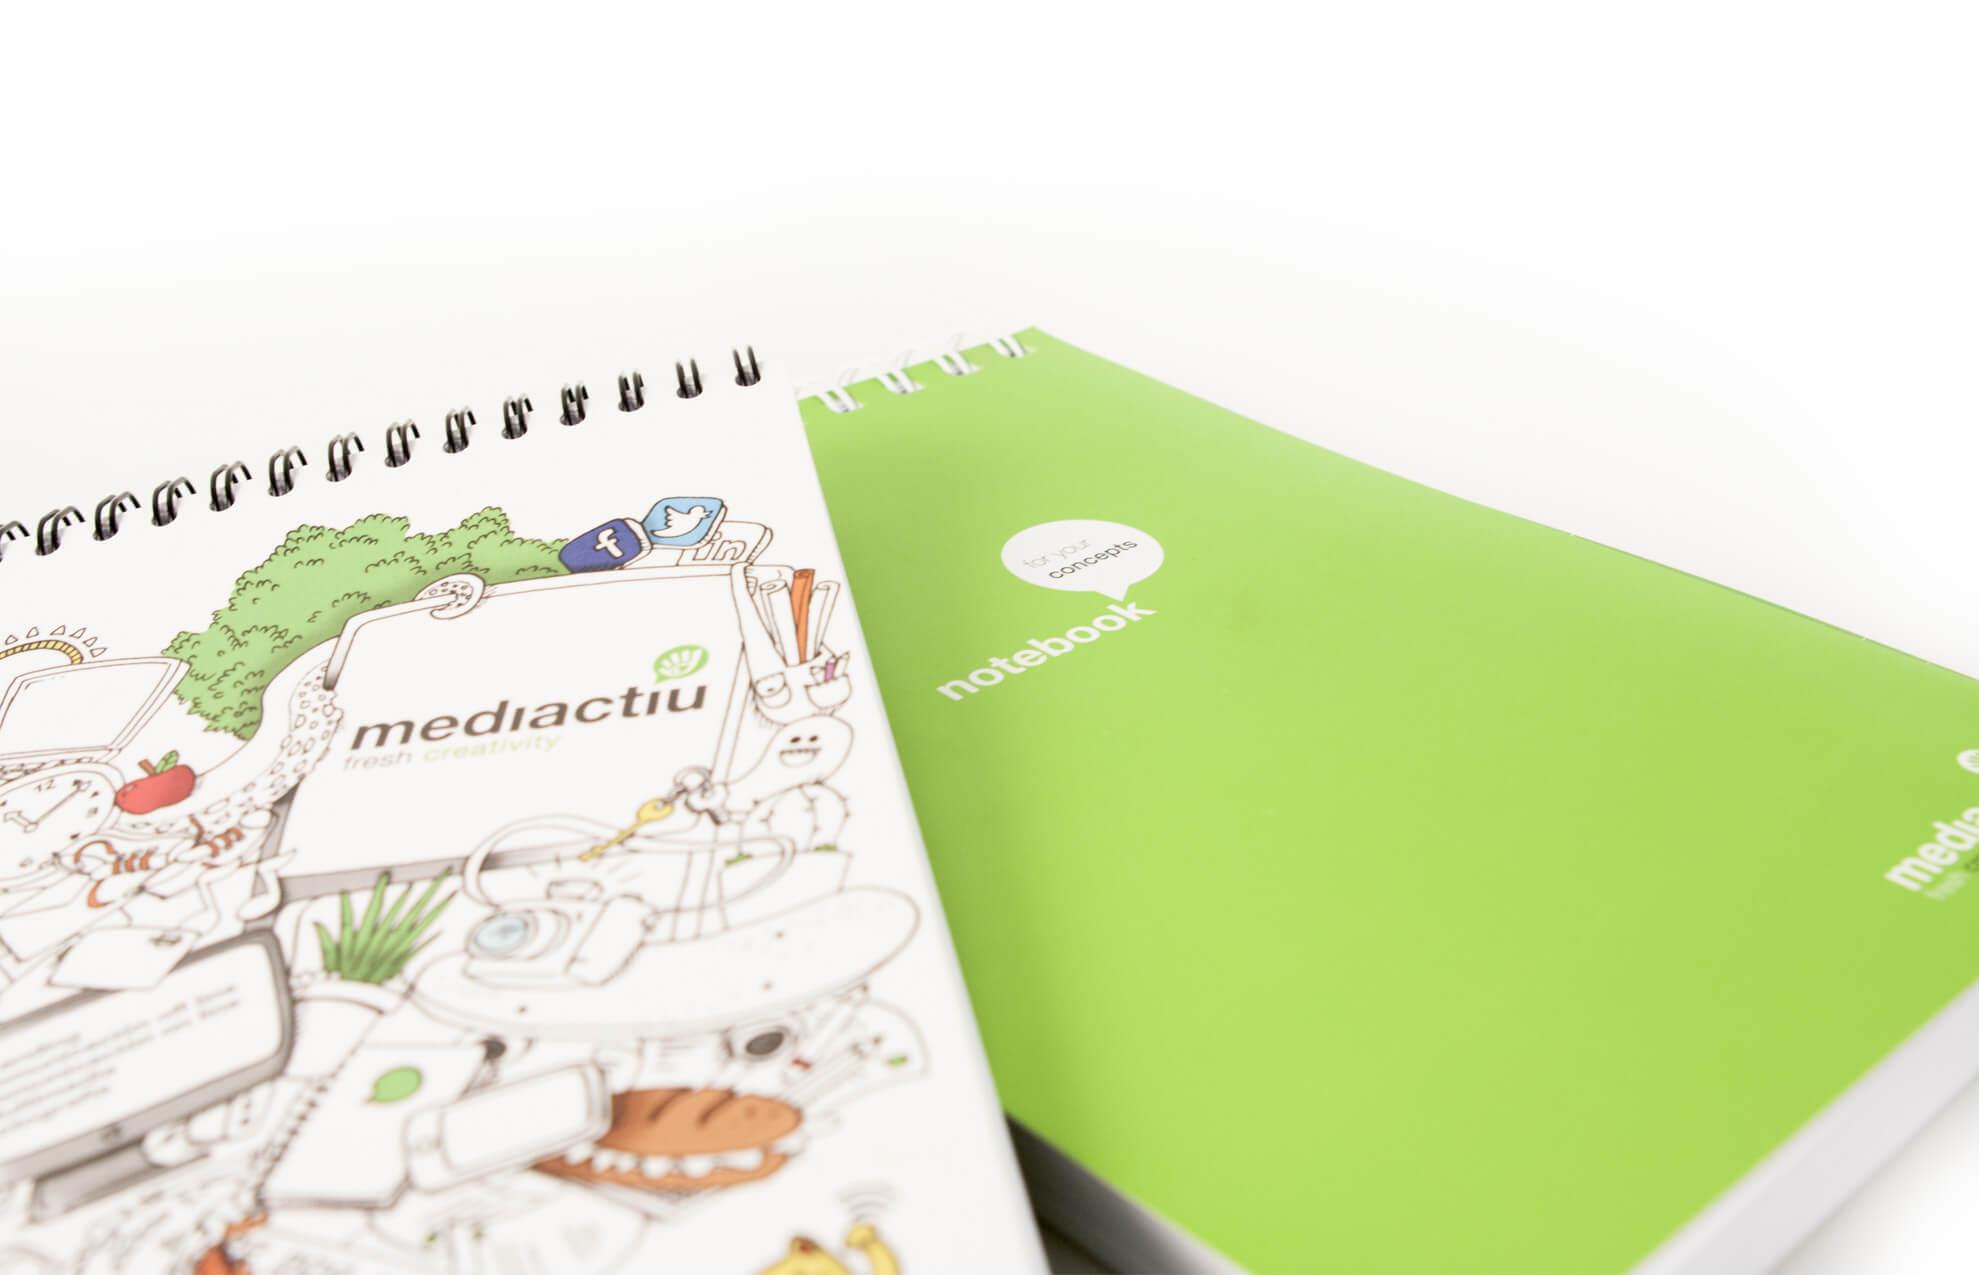 Libreta mediactiu ilustracion 4 - Ilustración para merchandising